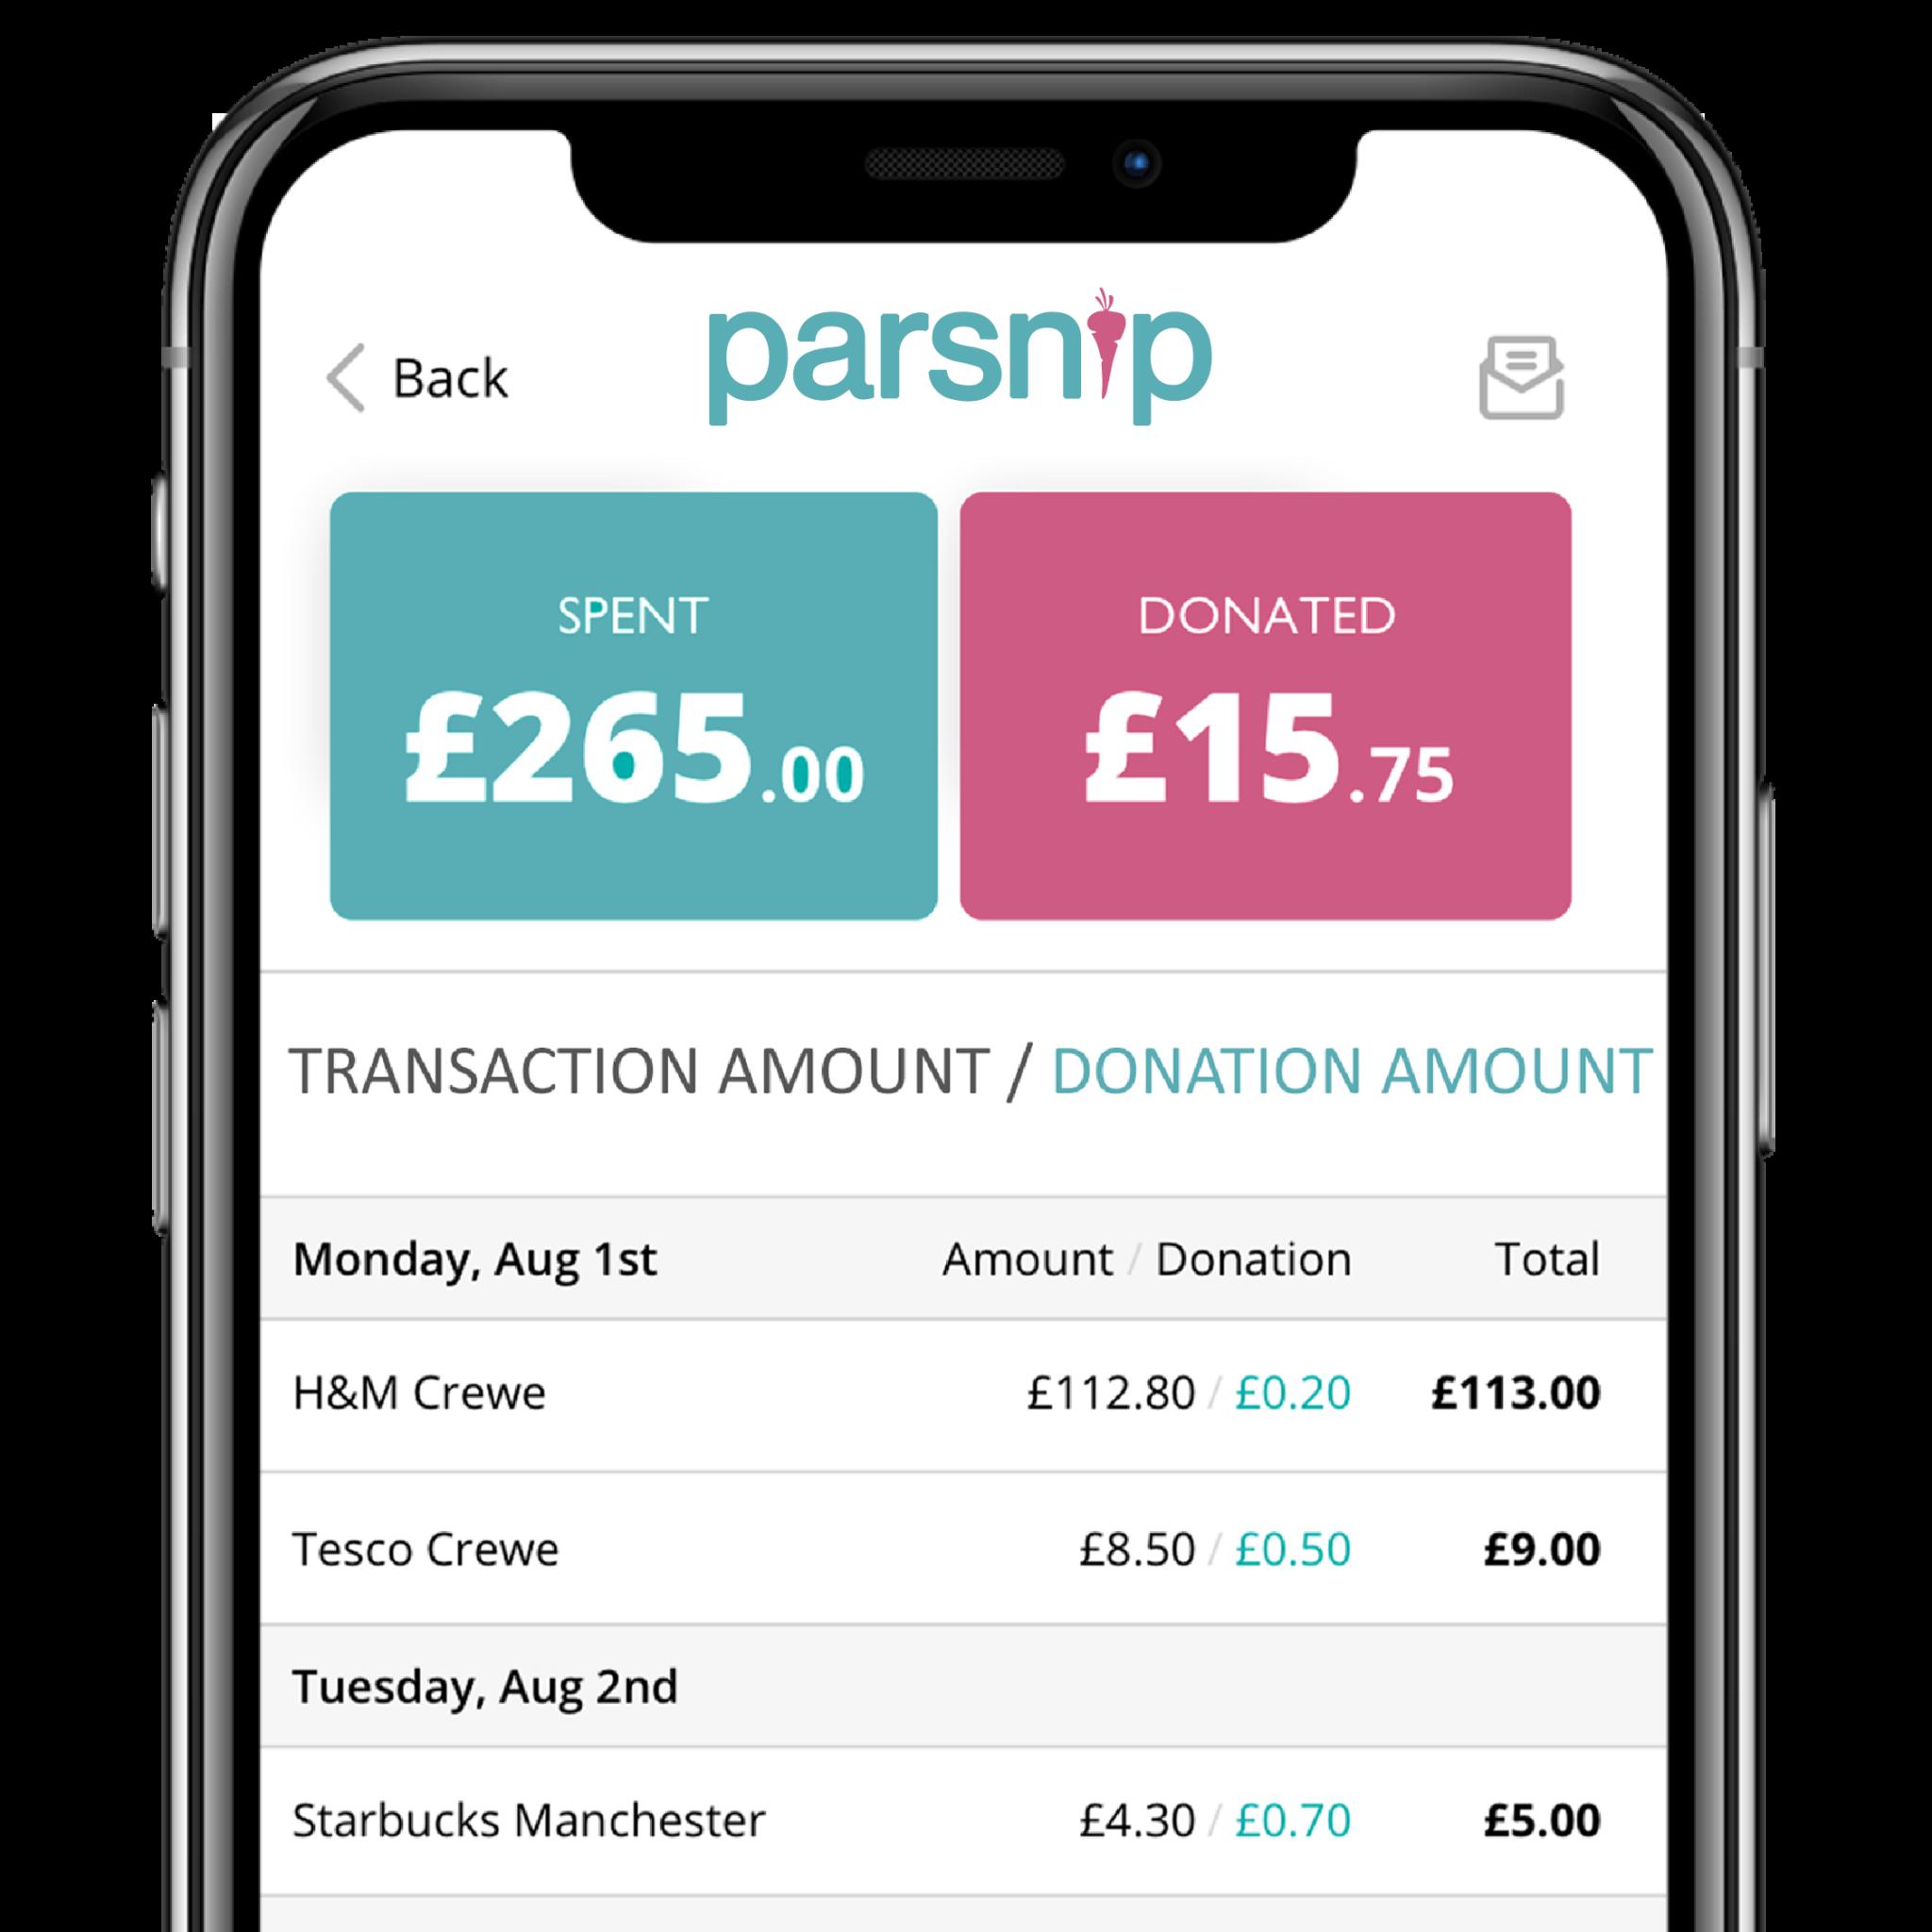 Parsnip app zoom in